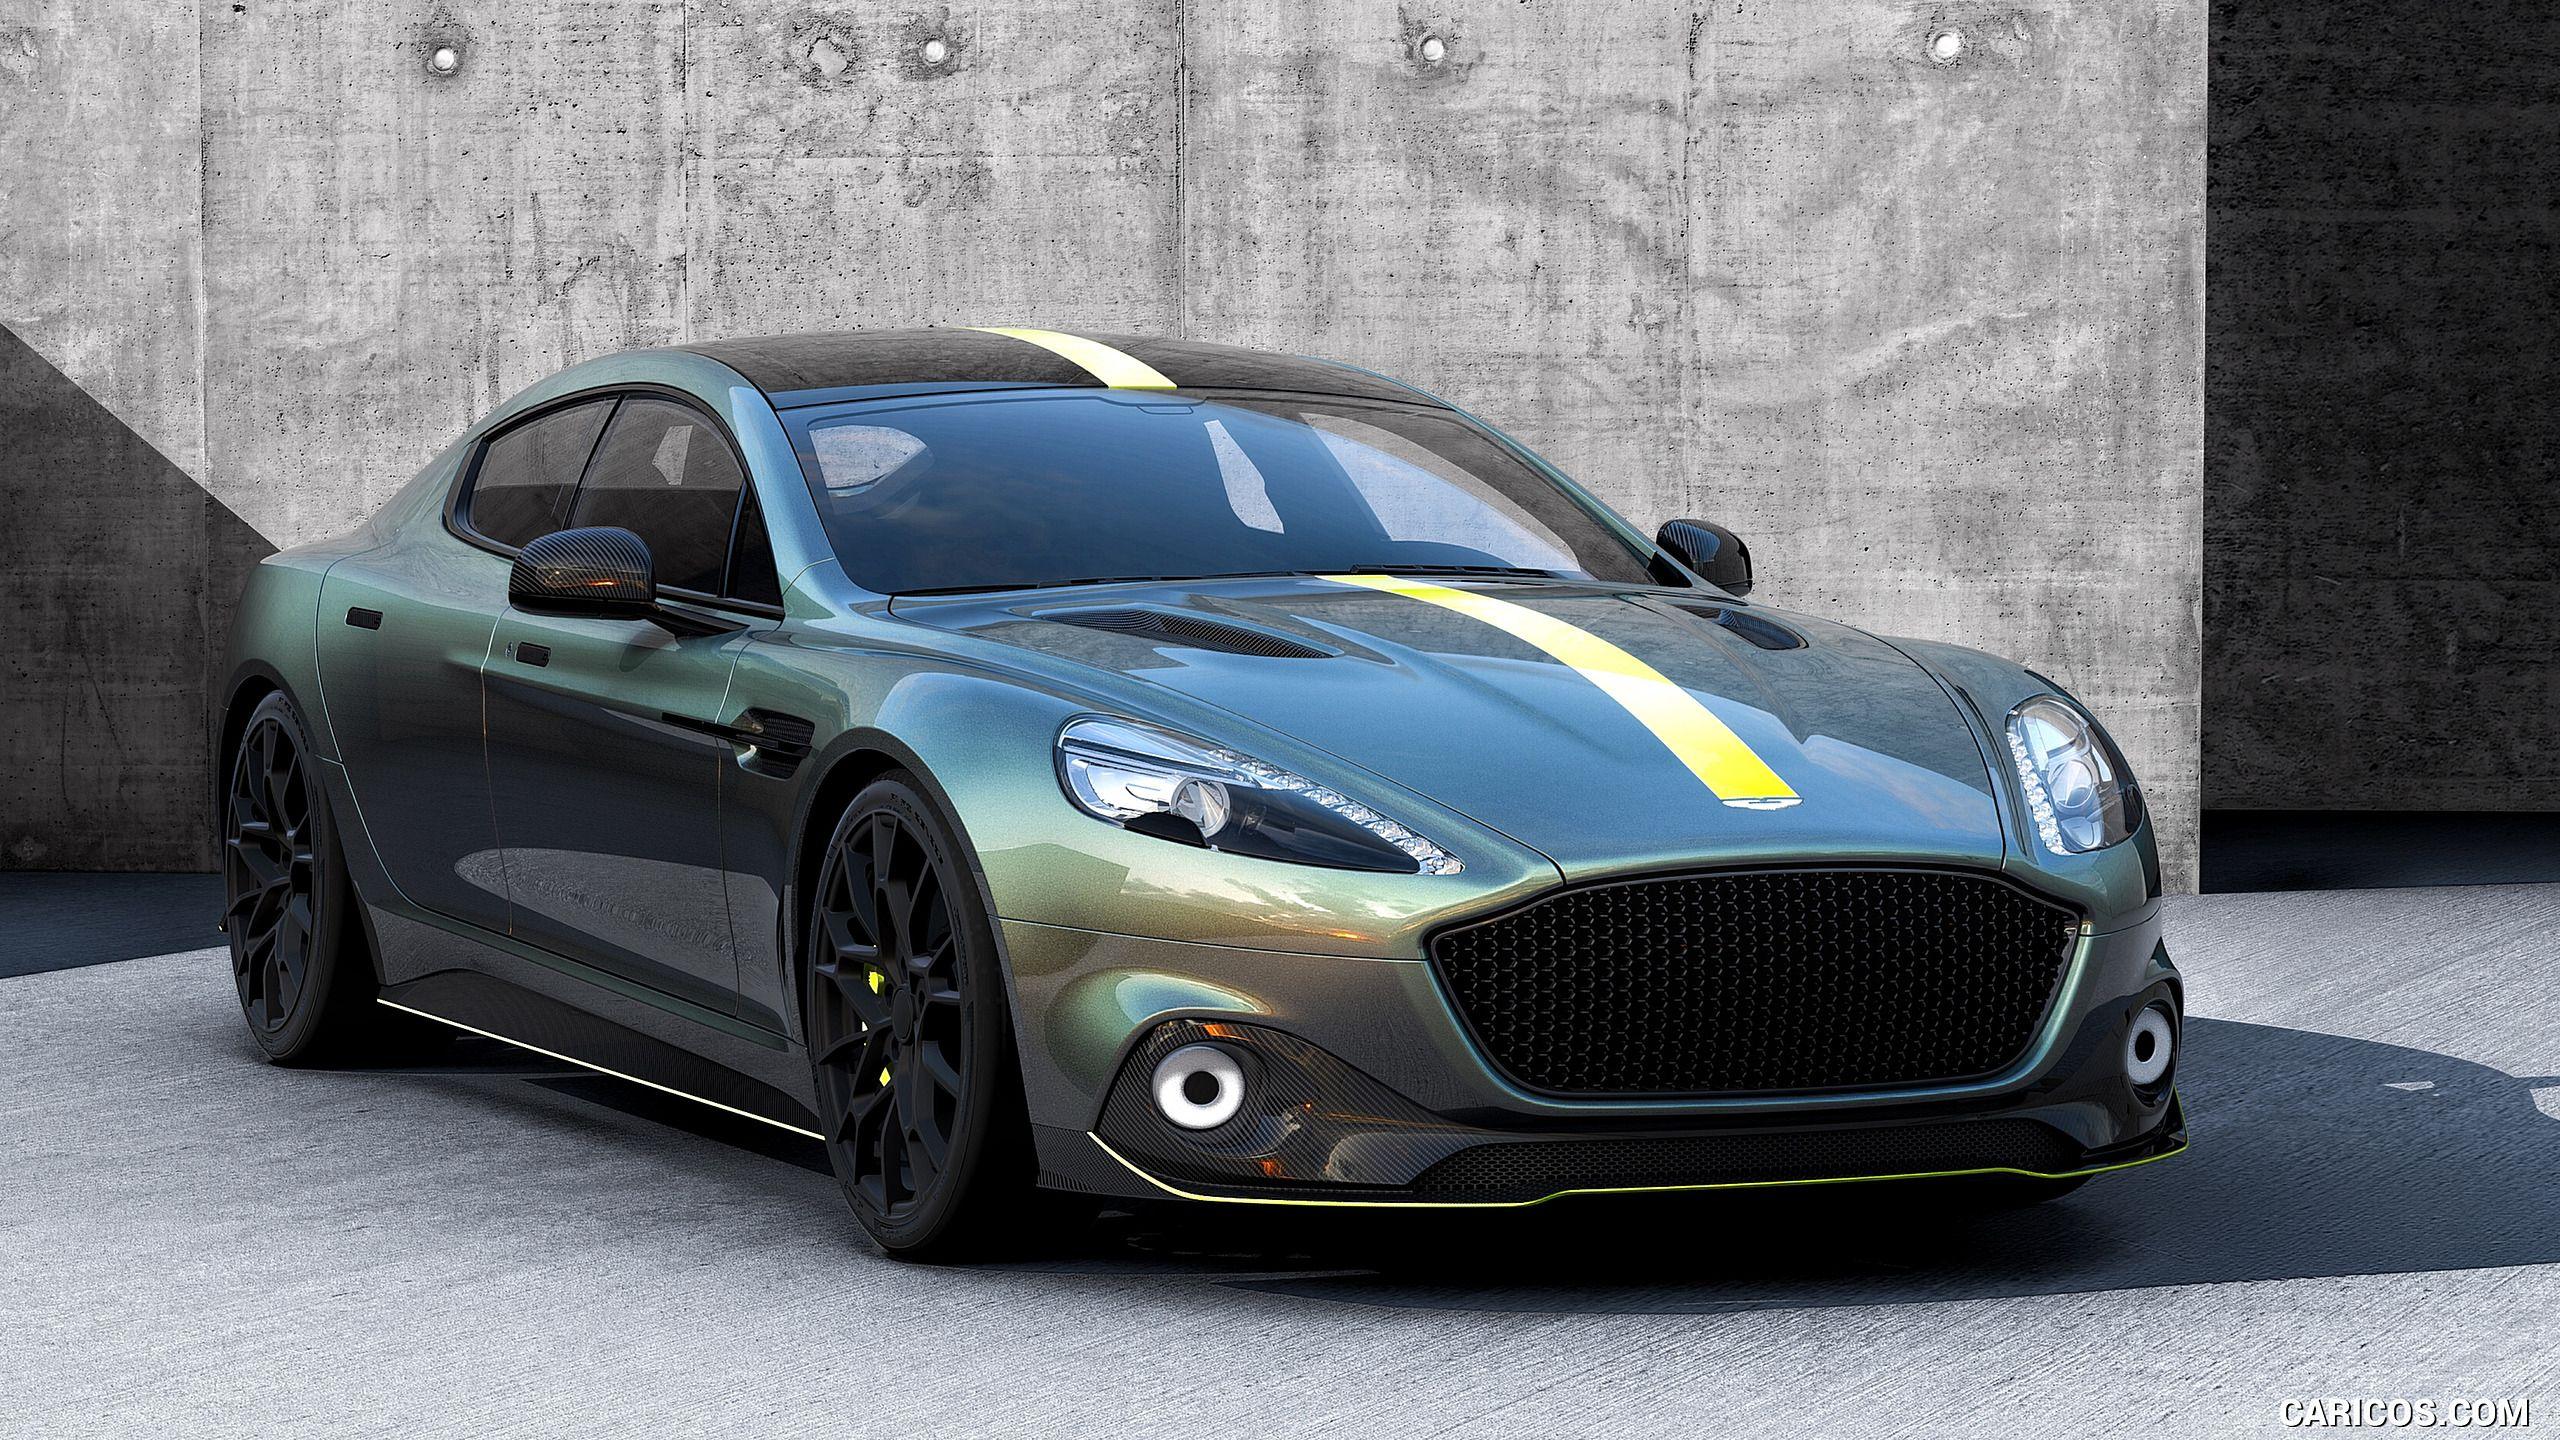 2018 Aston Martin Rapide Amr Wallpaper アストンマーティン アストンマーチン レースカー